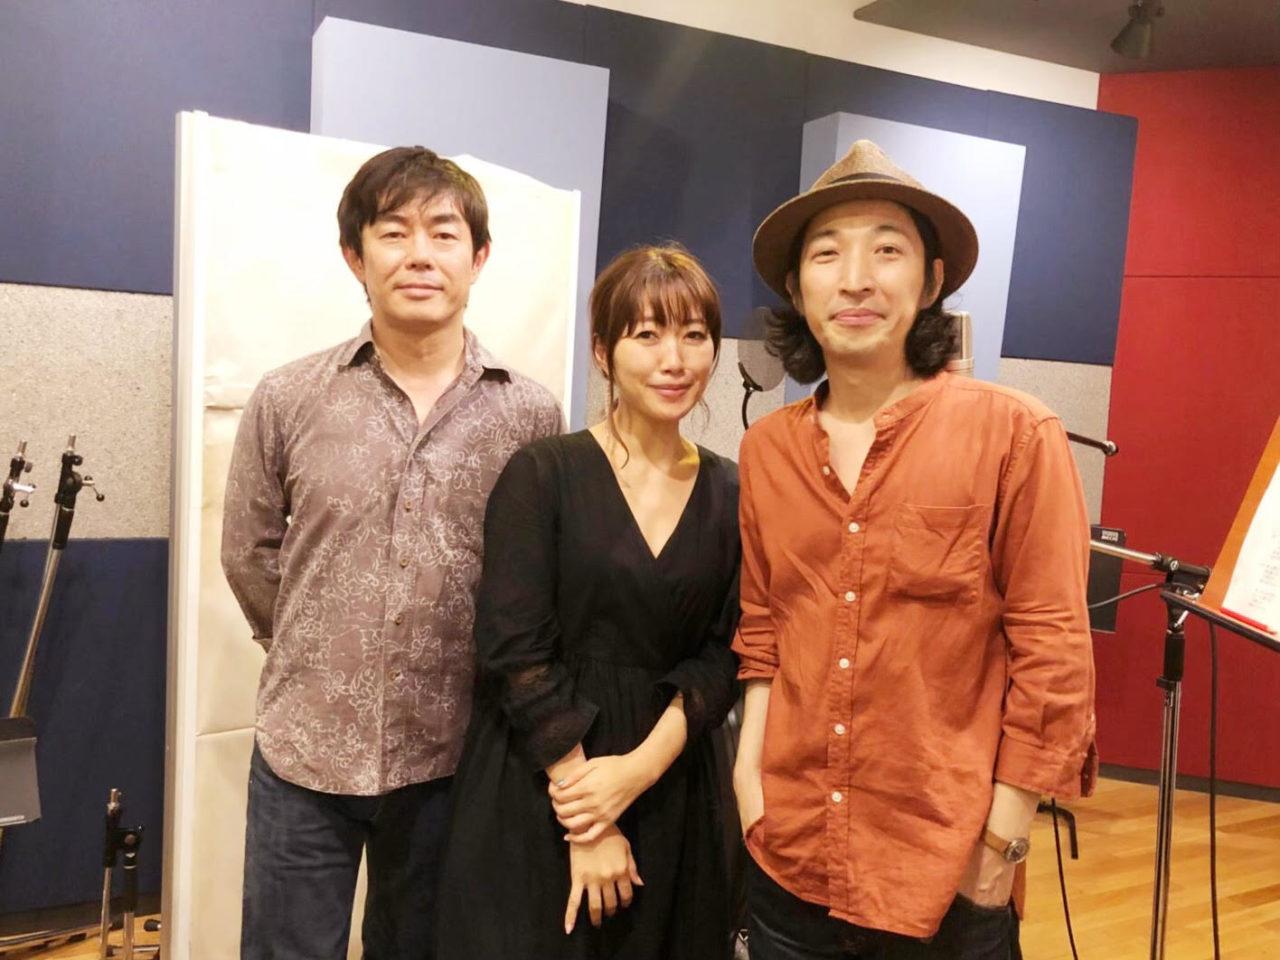 左から宮沢和史、坂本美雨、おおはた雄一